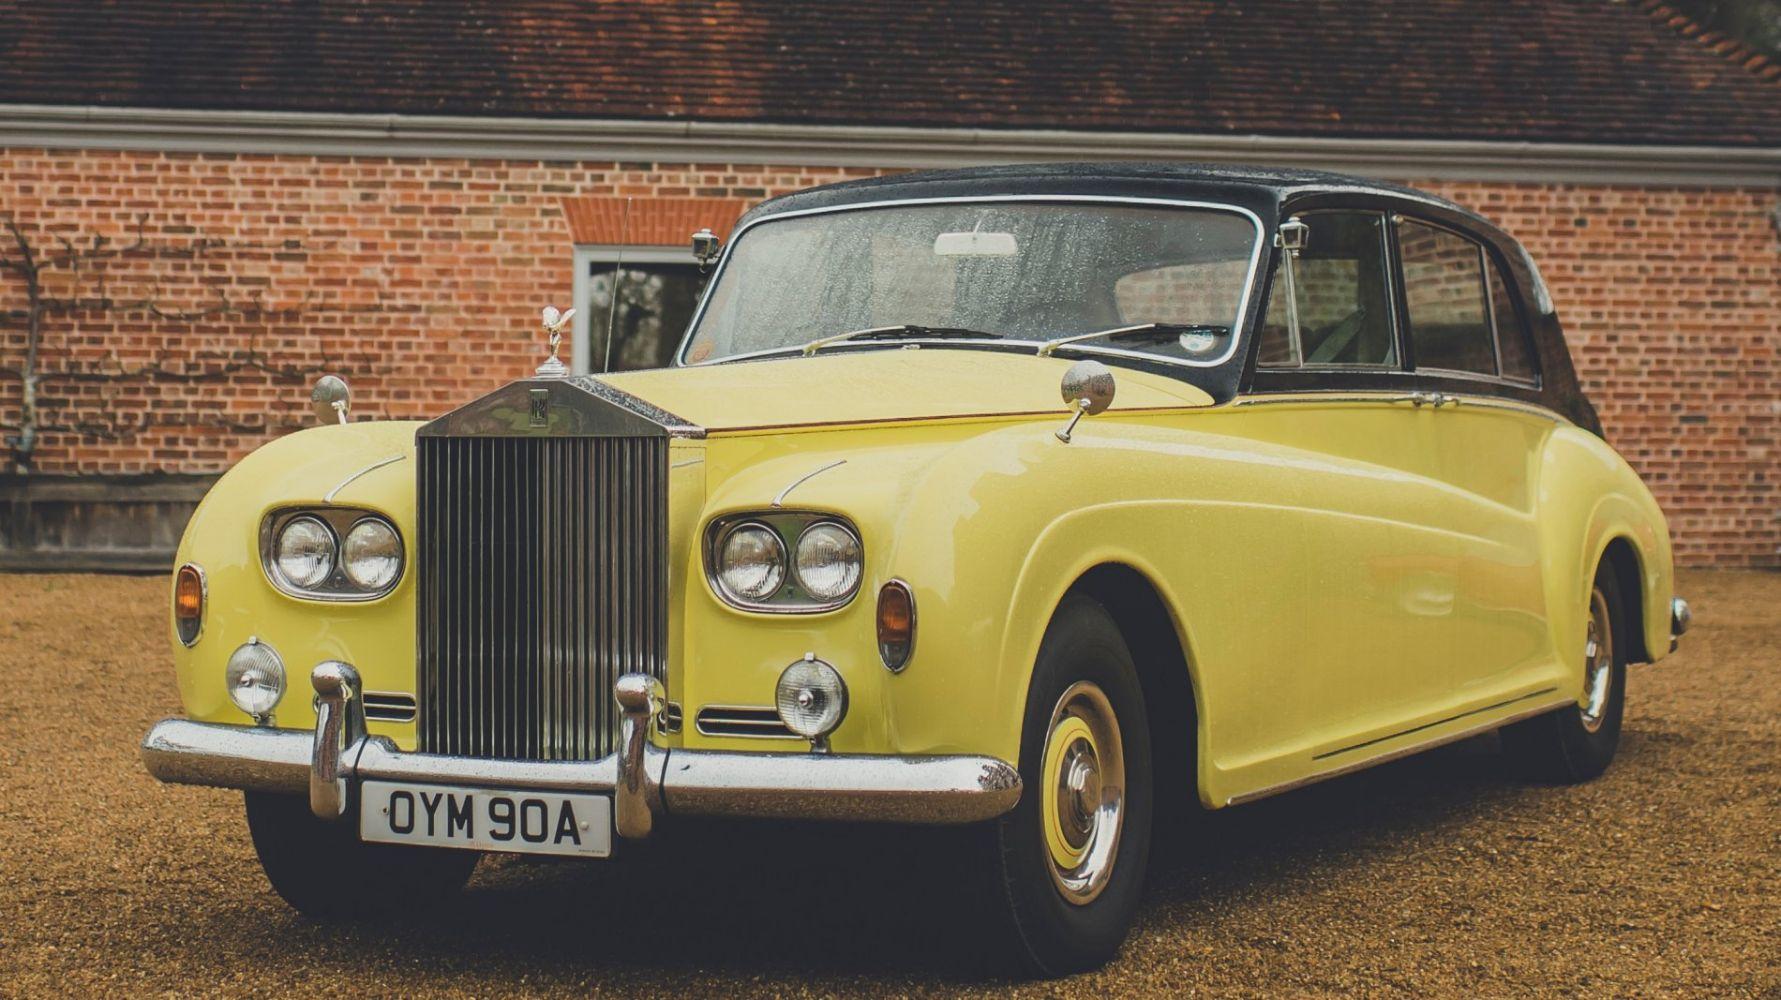 A 1963 Rolls Royce Phantom V